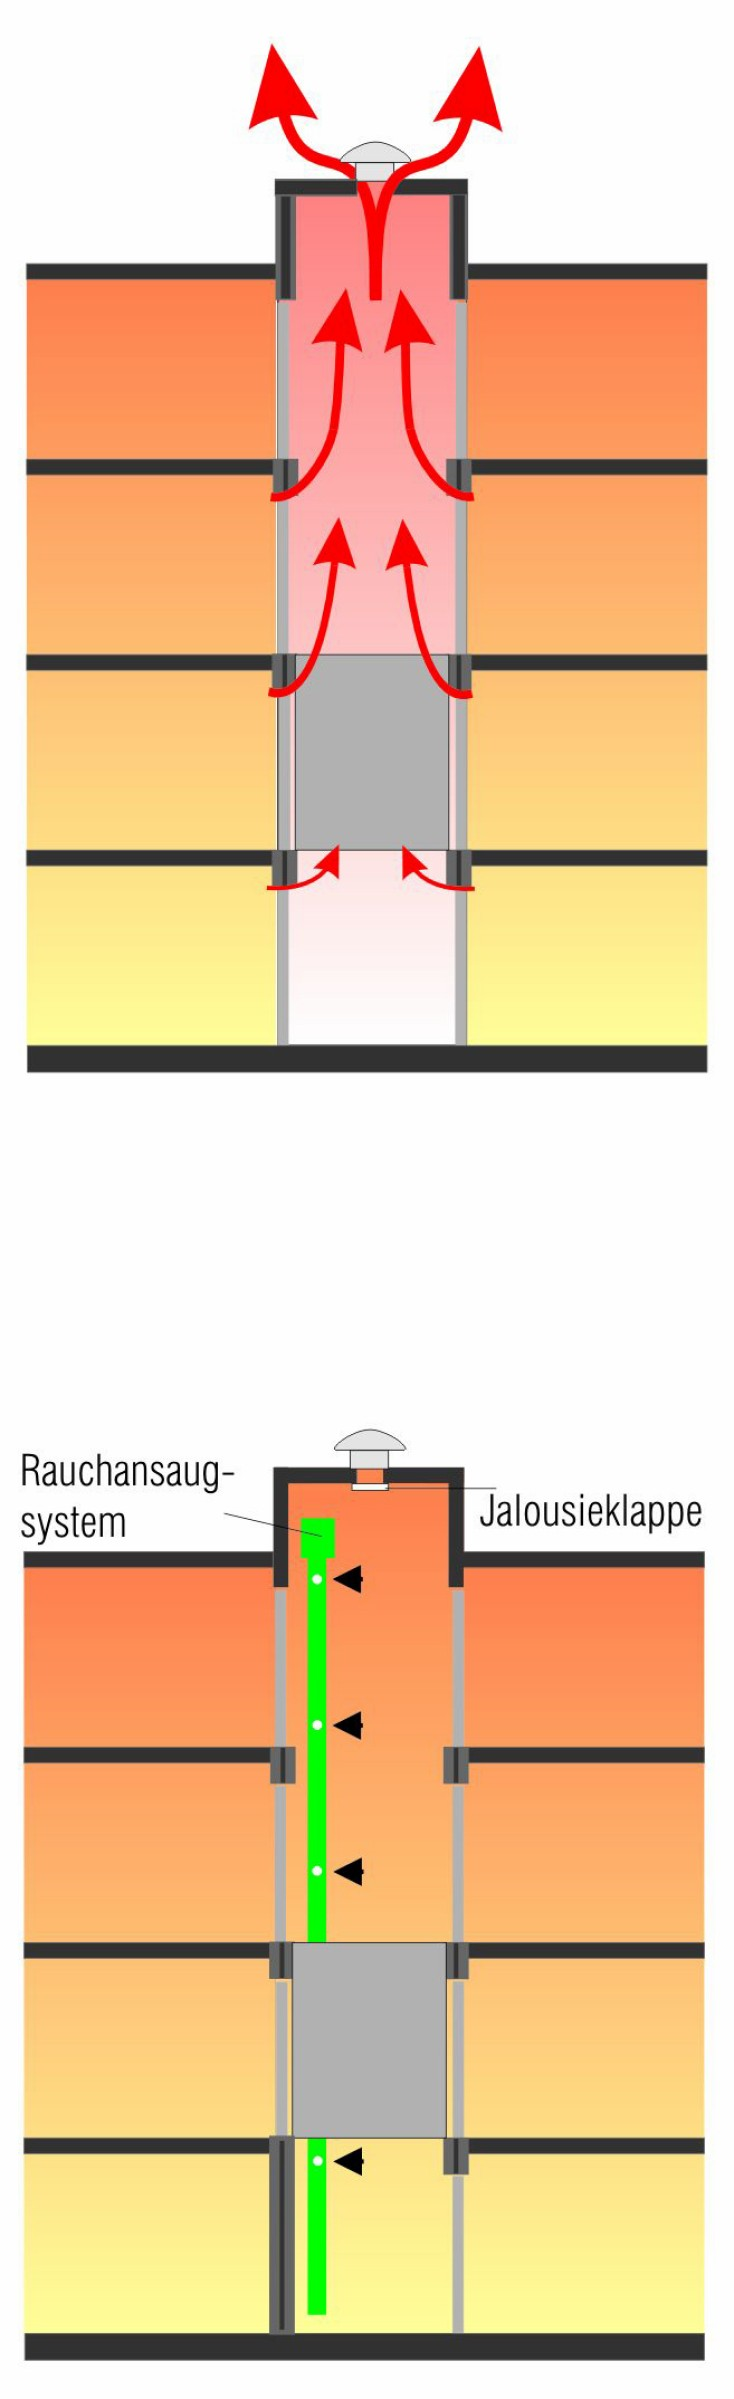 Kontrollierte Schachtentrauchung über die Jalousieklappe. Bild: Aleatec GmbH